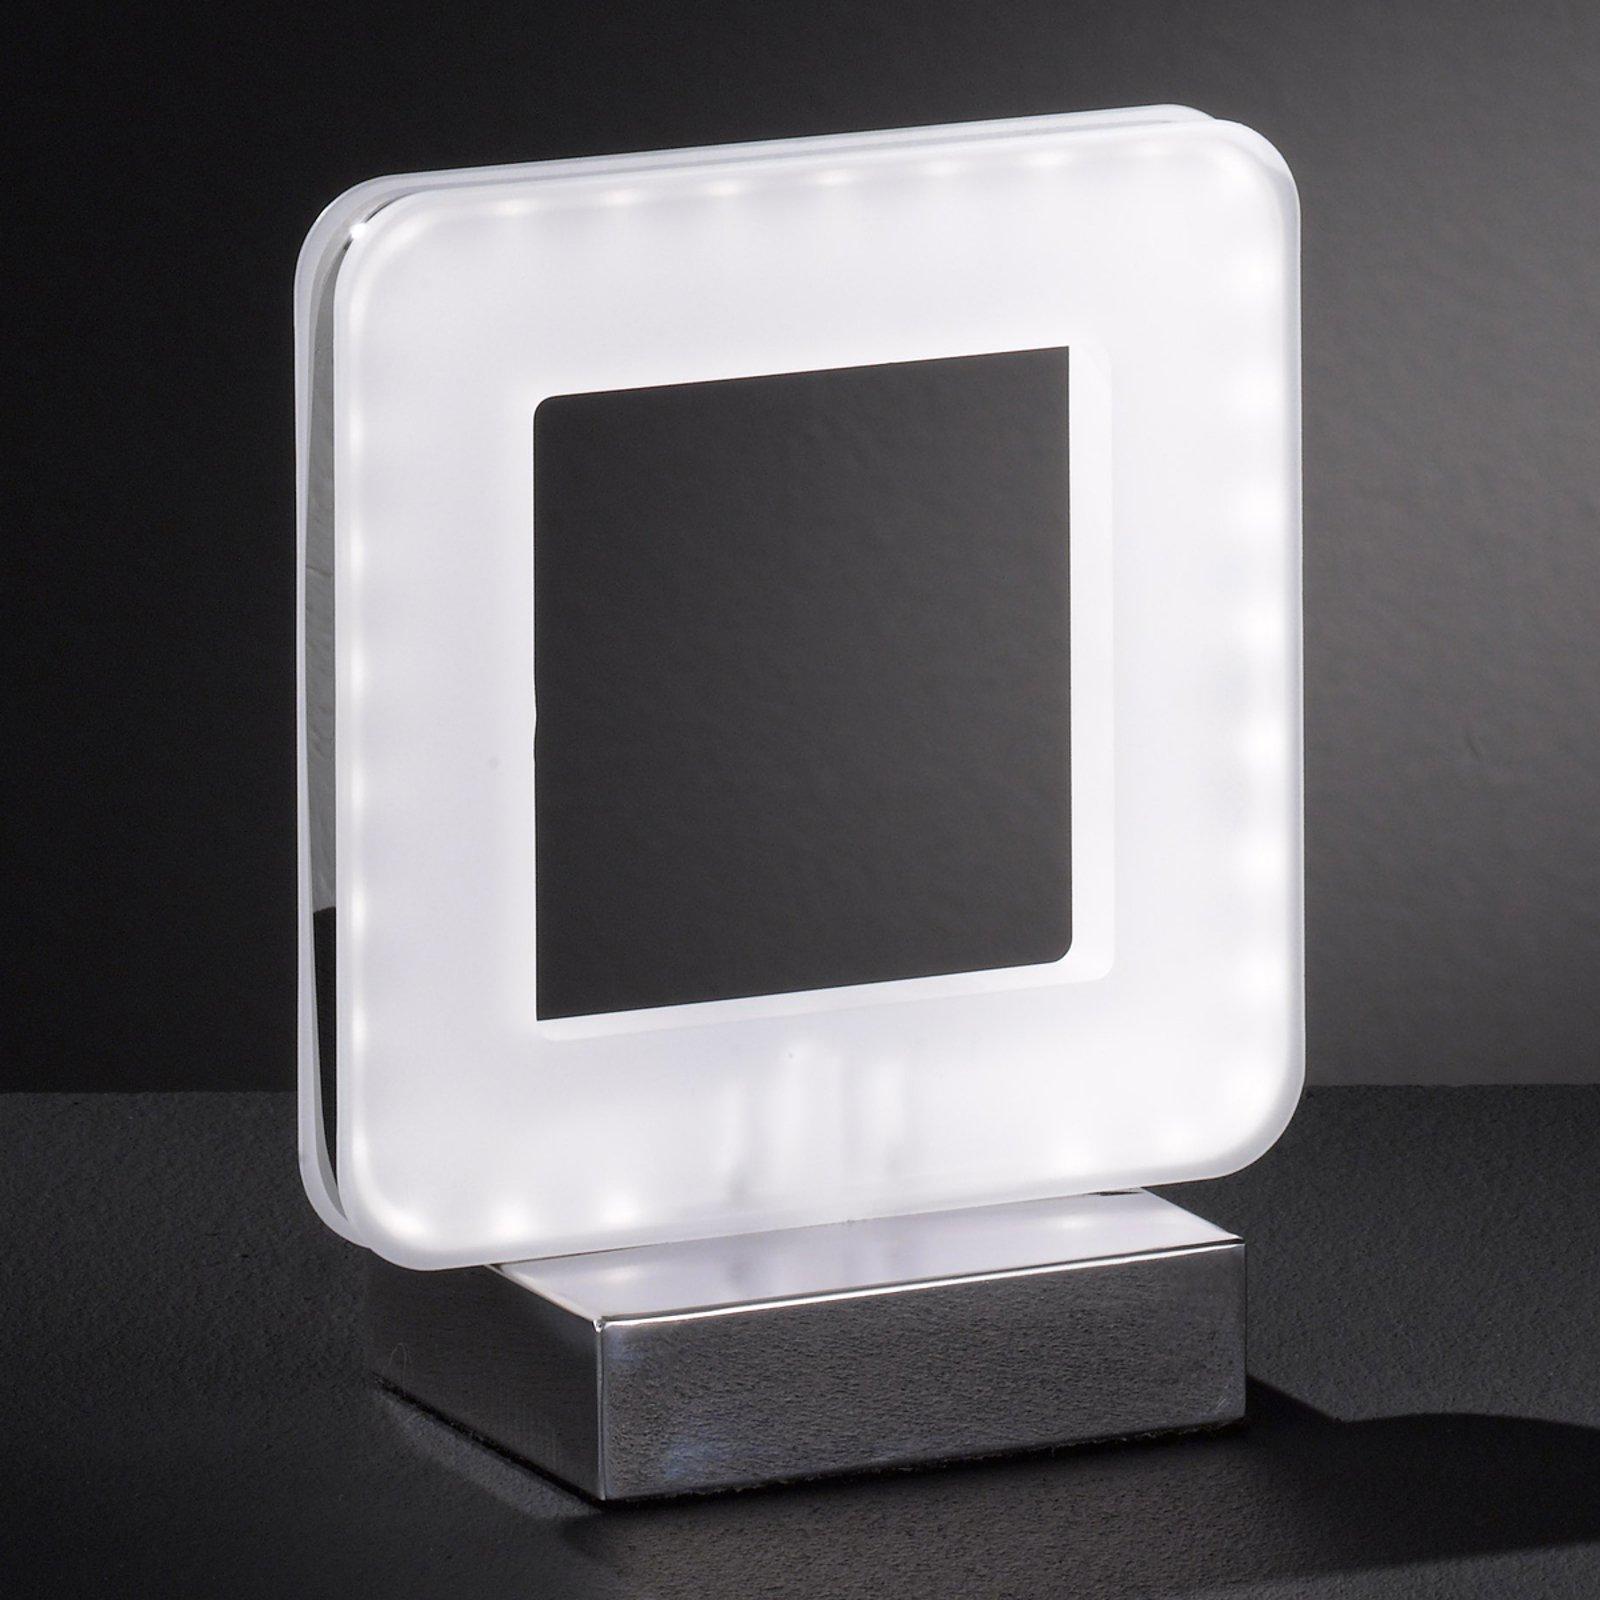 Toppmoderne LED-bordlampe Nic